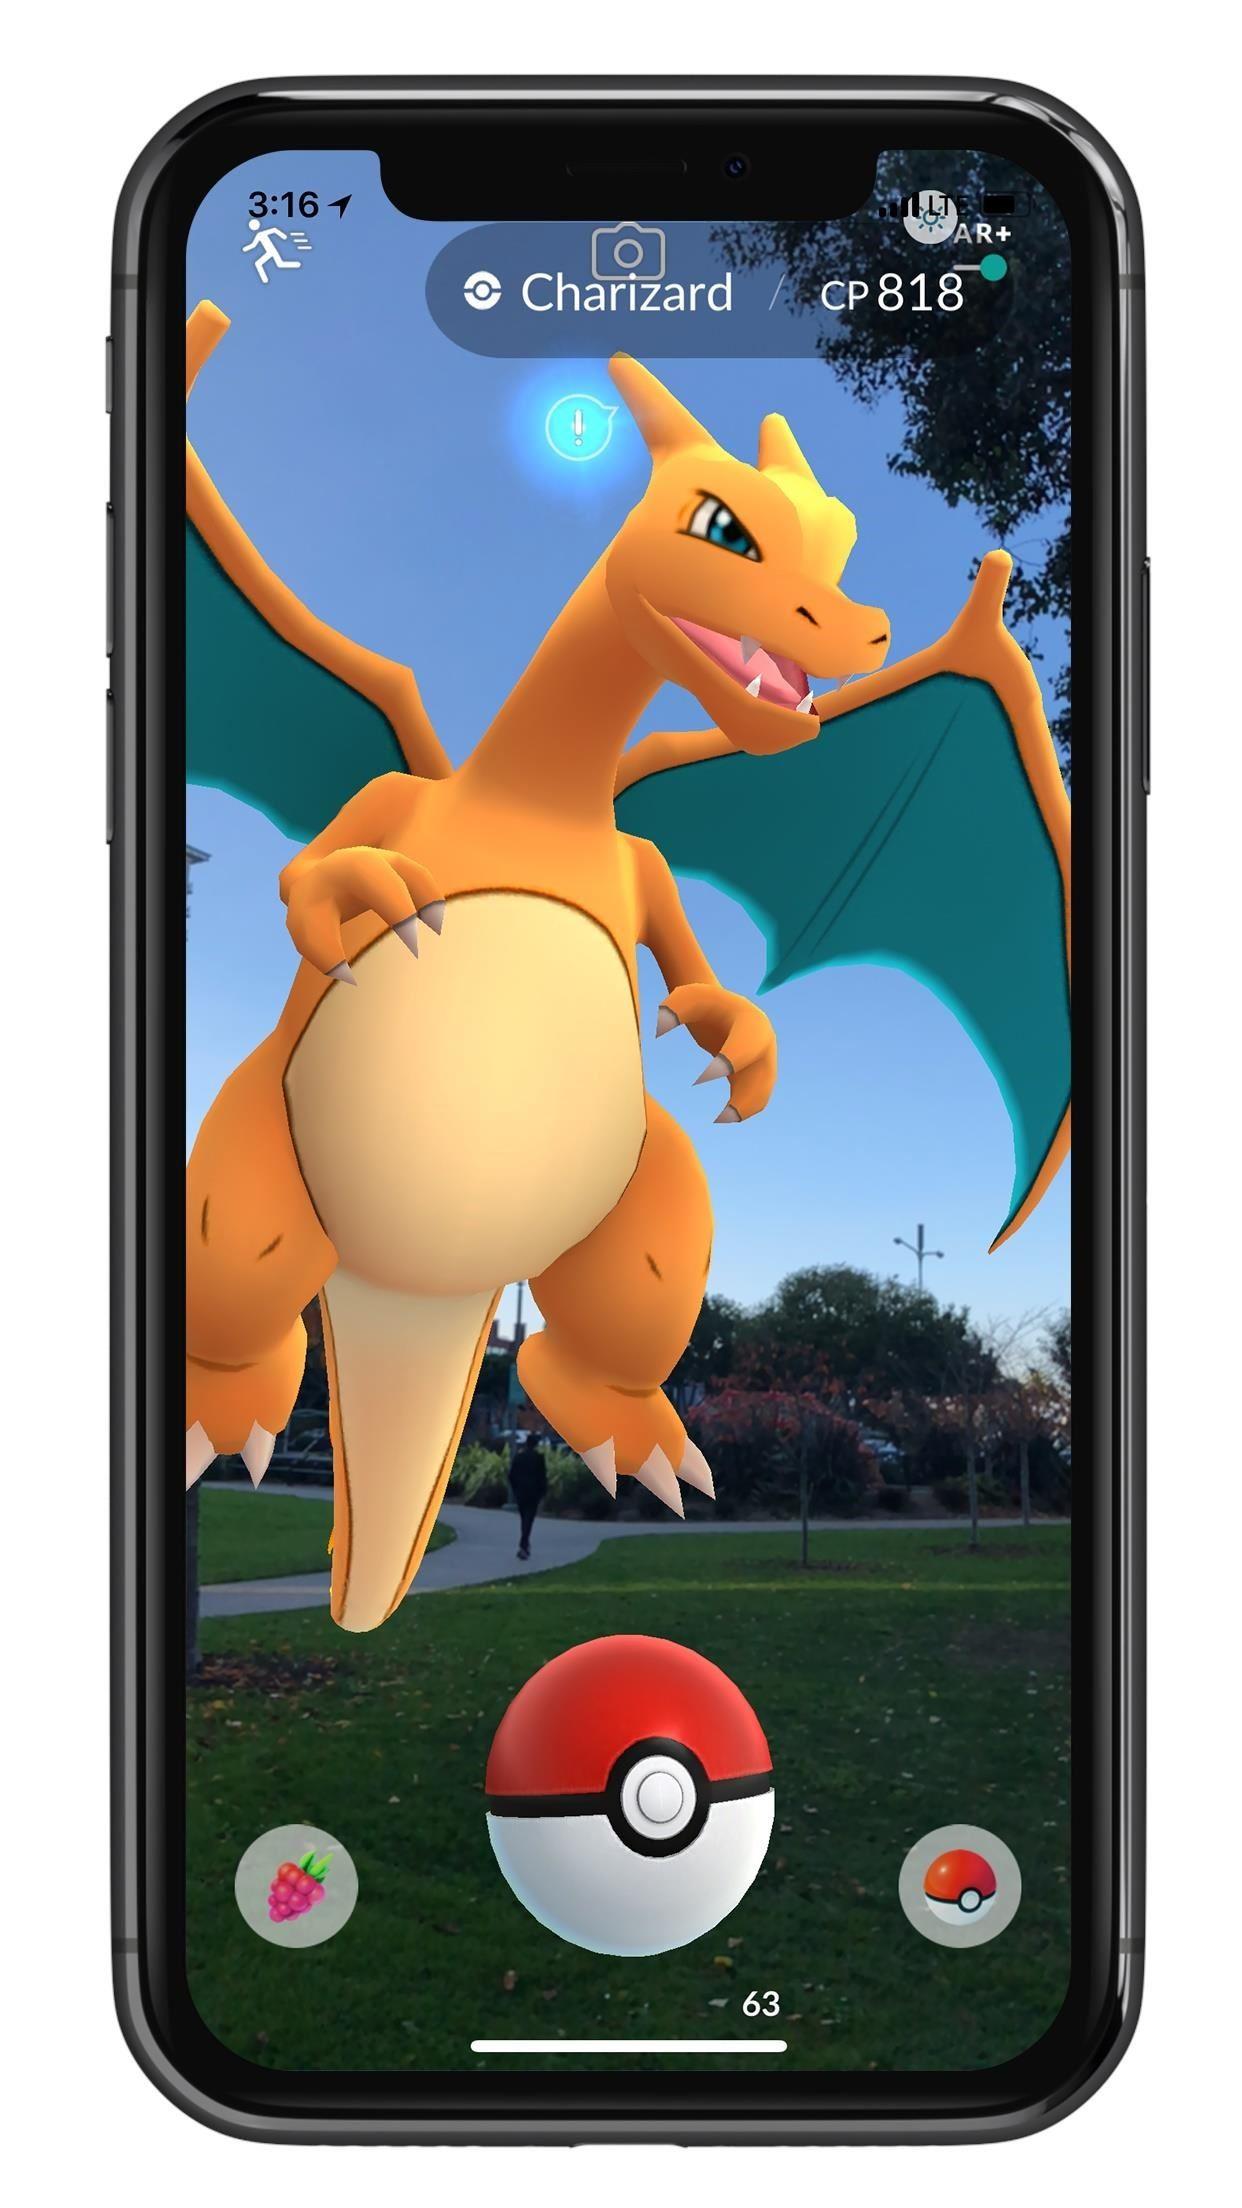 Apple AR: ARKit Update for Pokémon Go Makes Monsters Bigger & Smarter